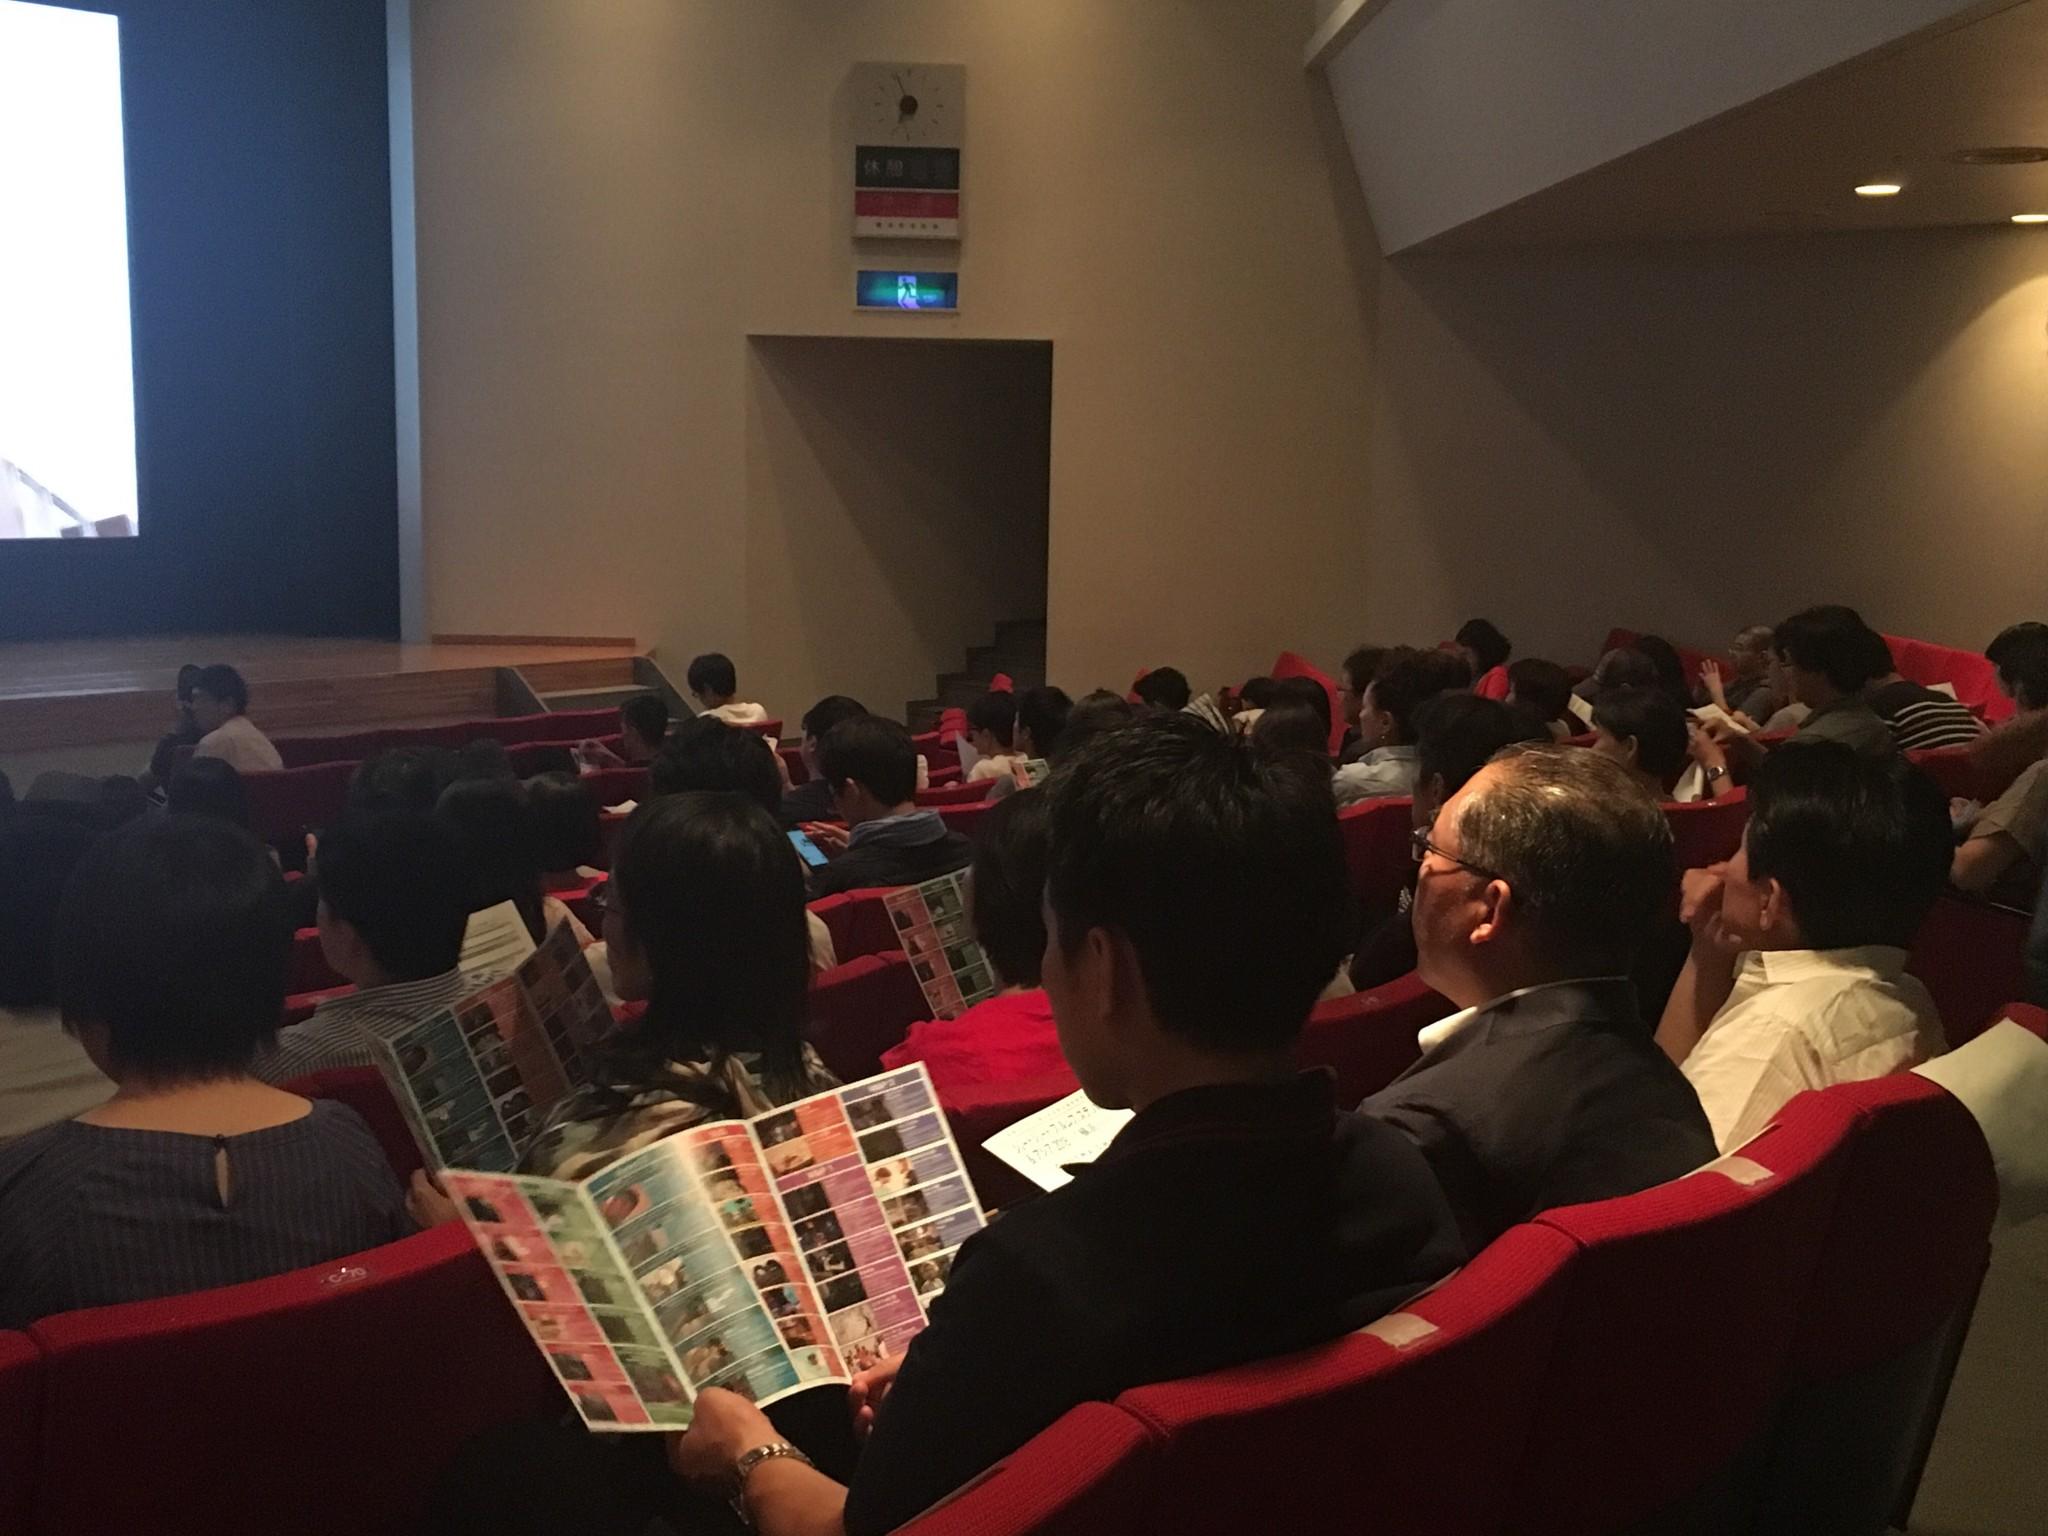 [開催レポート]SSFF & ASIA 2018横浜開催2日目は満席になるプ